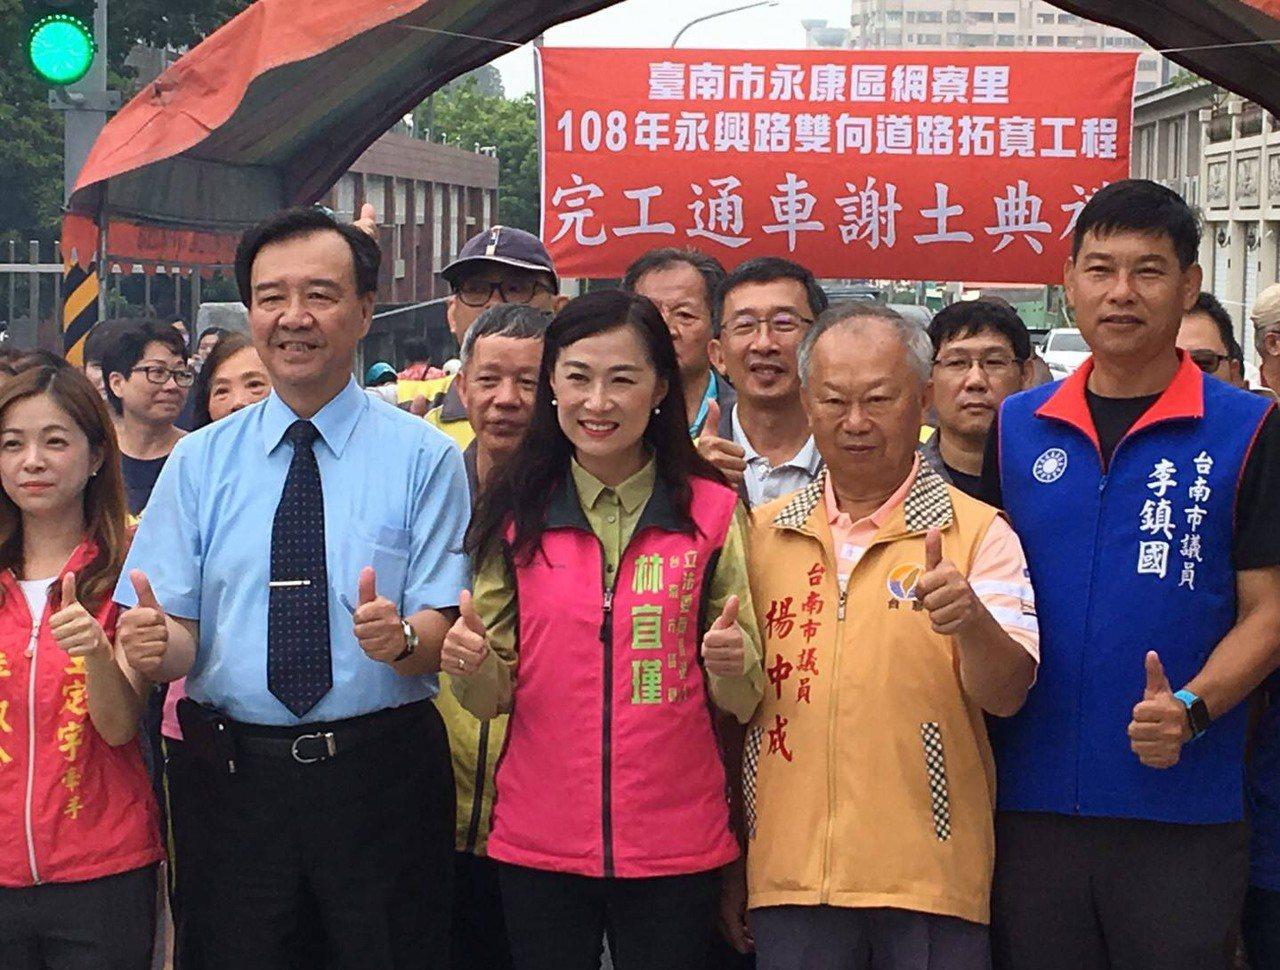 台南永康永興路僅4米寬 爭取多年拓為12米今通車